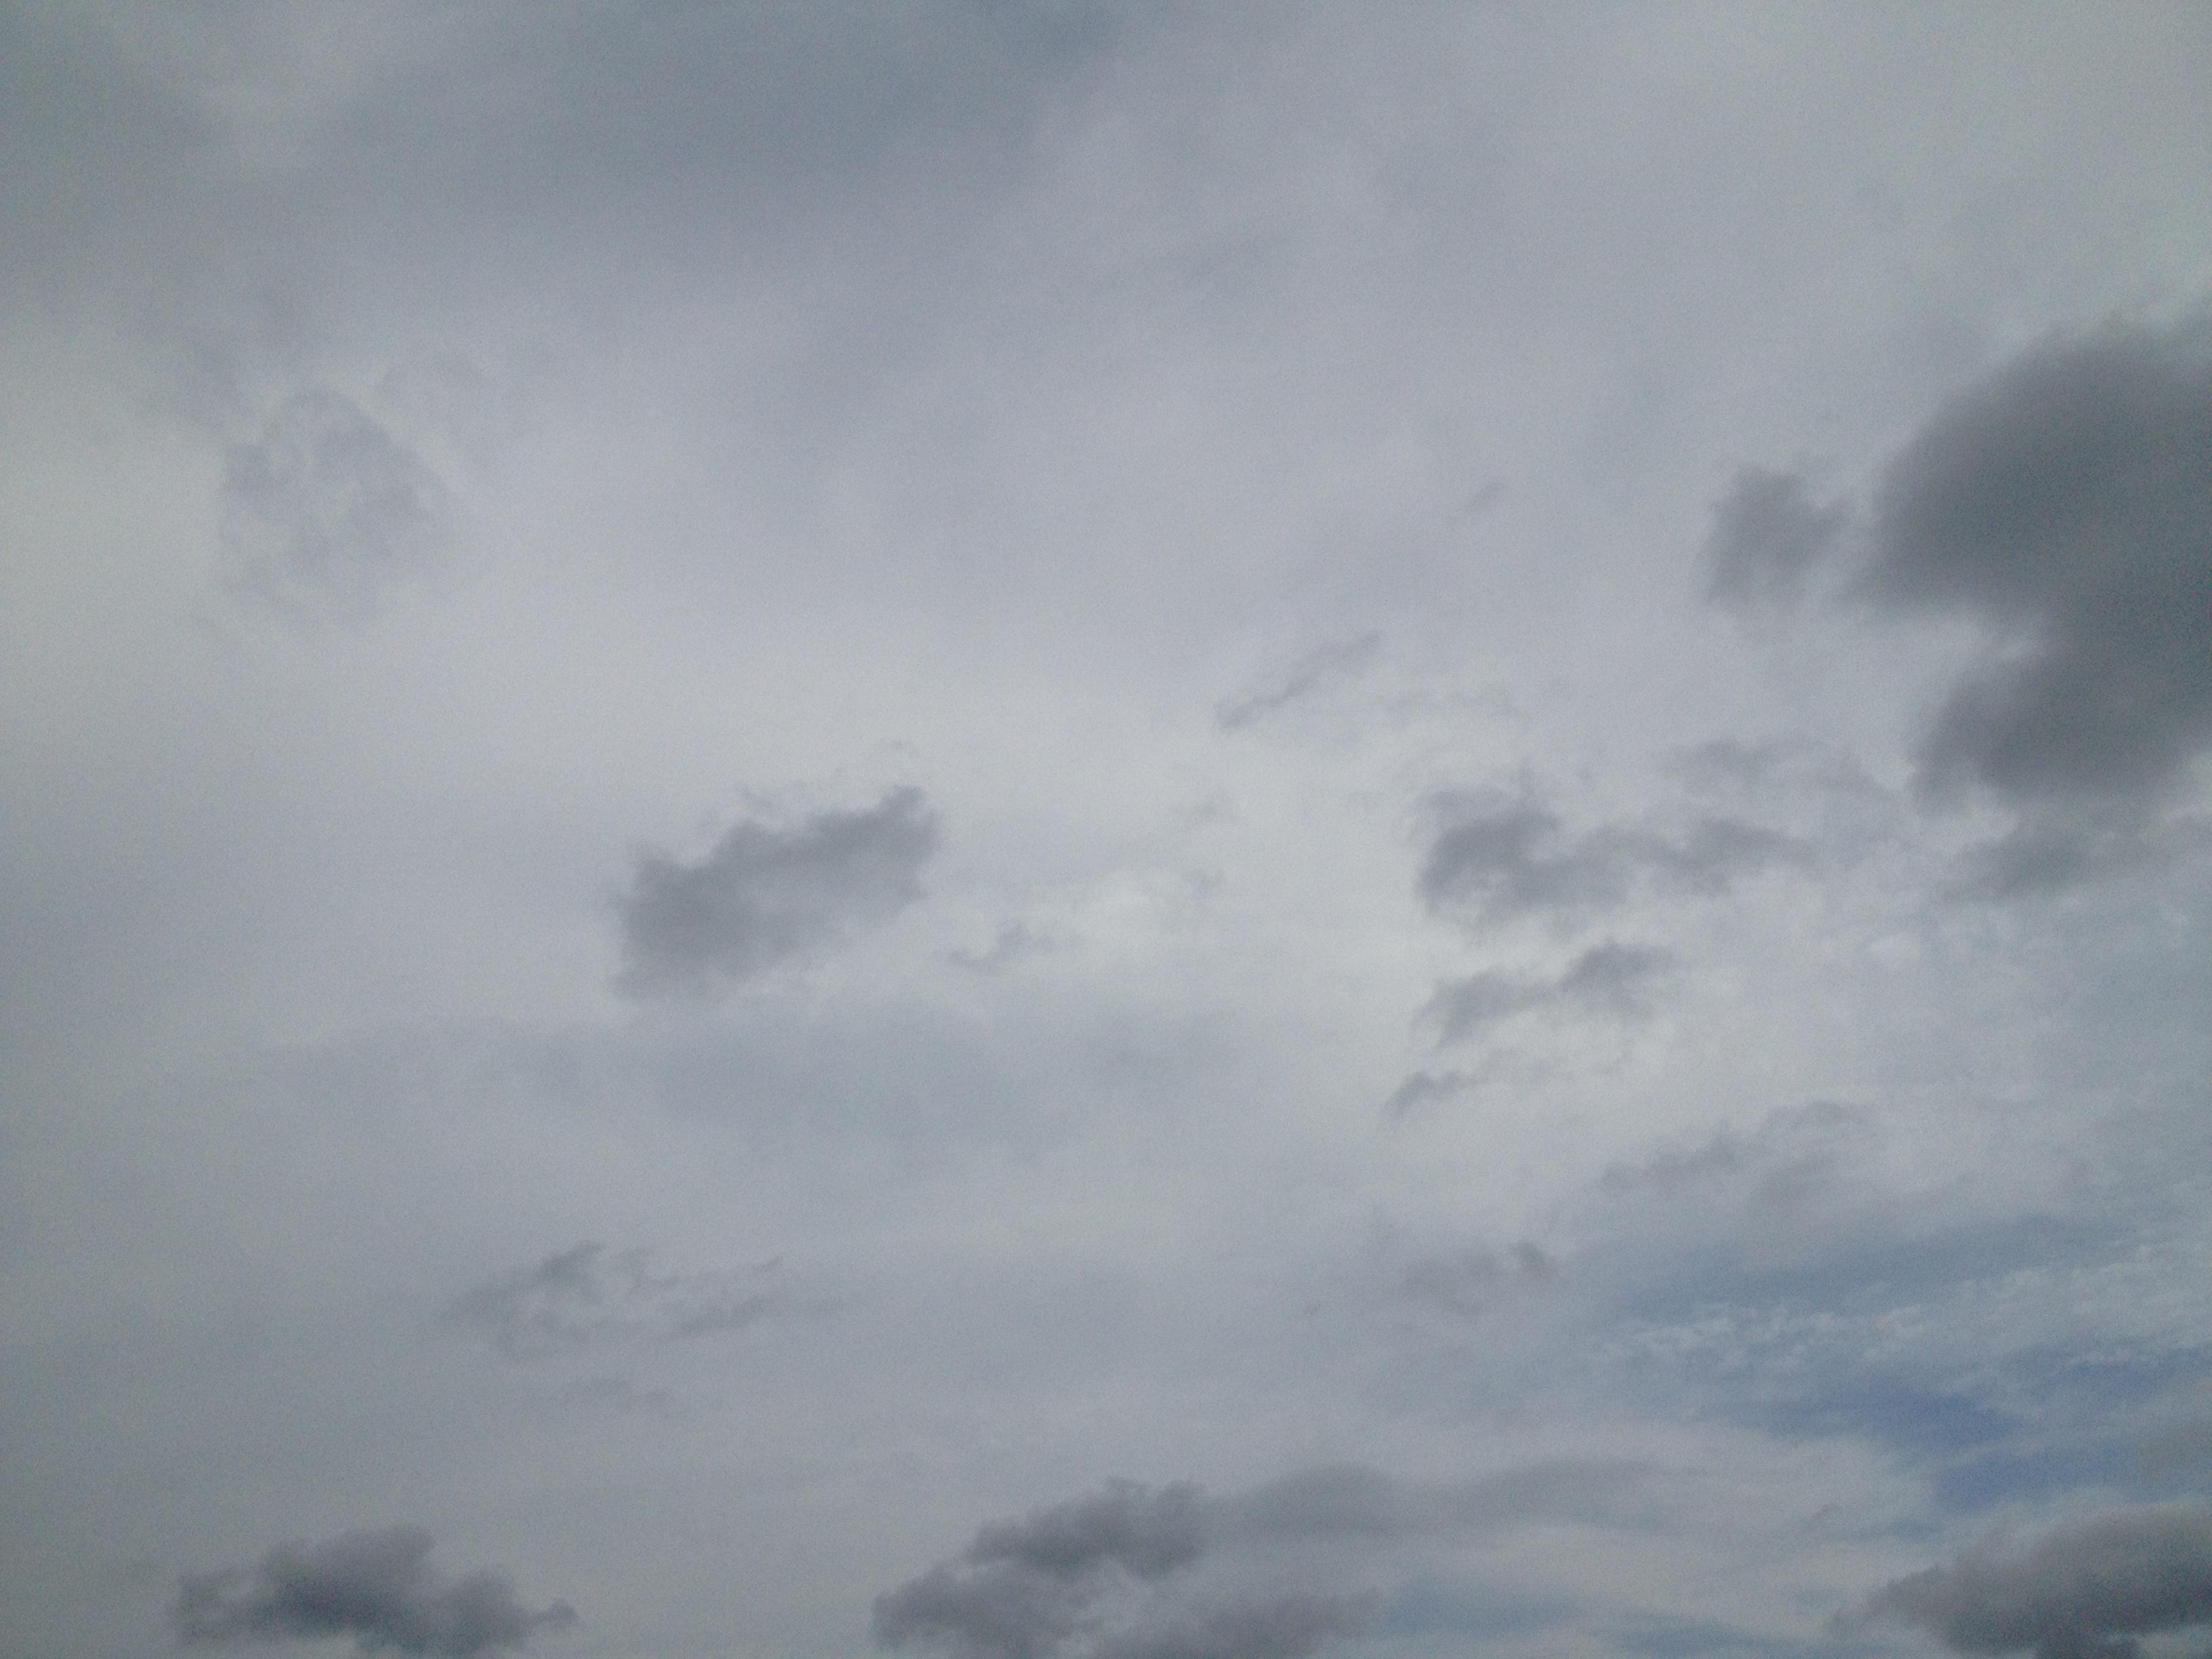 雨寸前の奥に青空